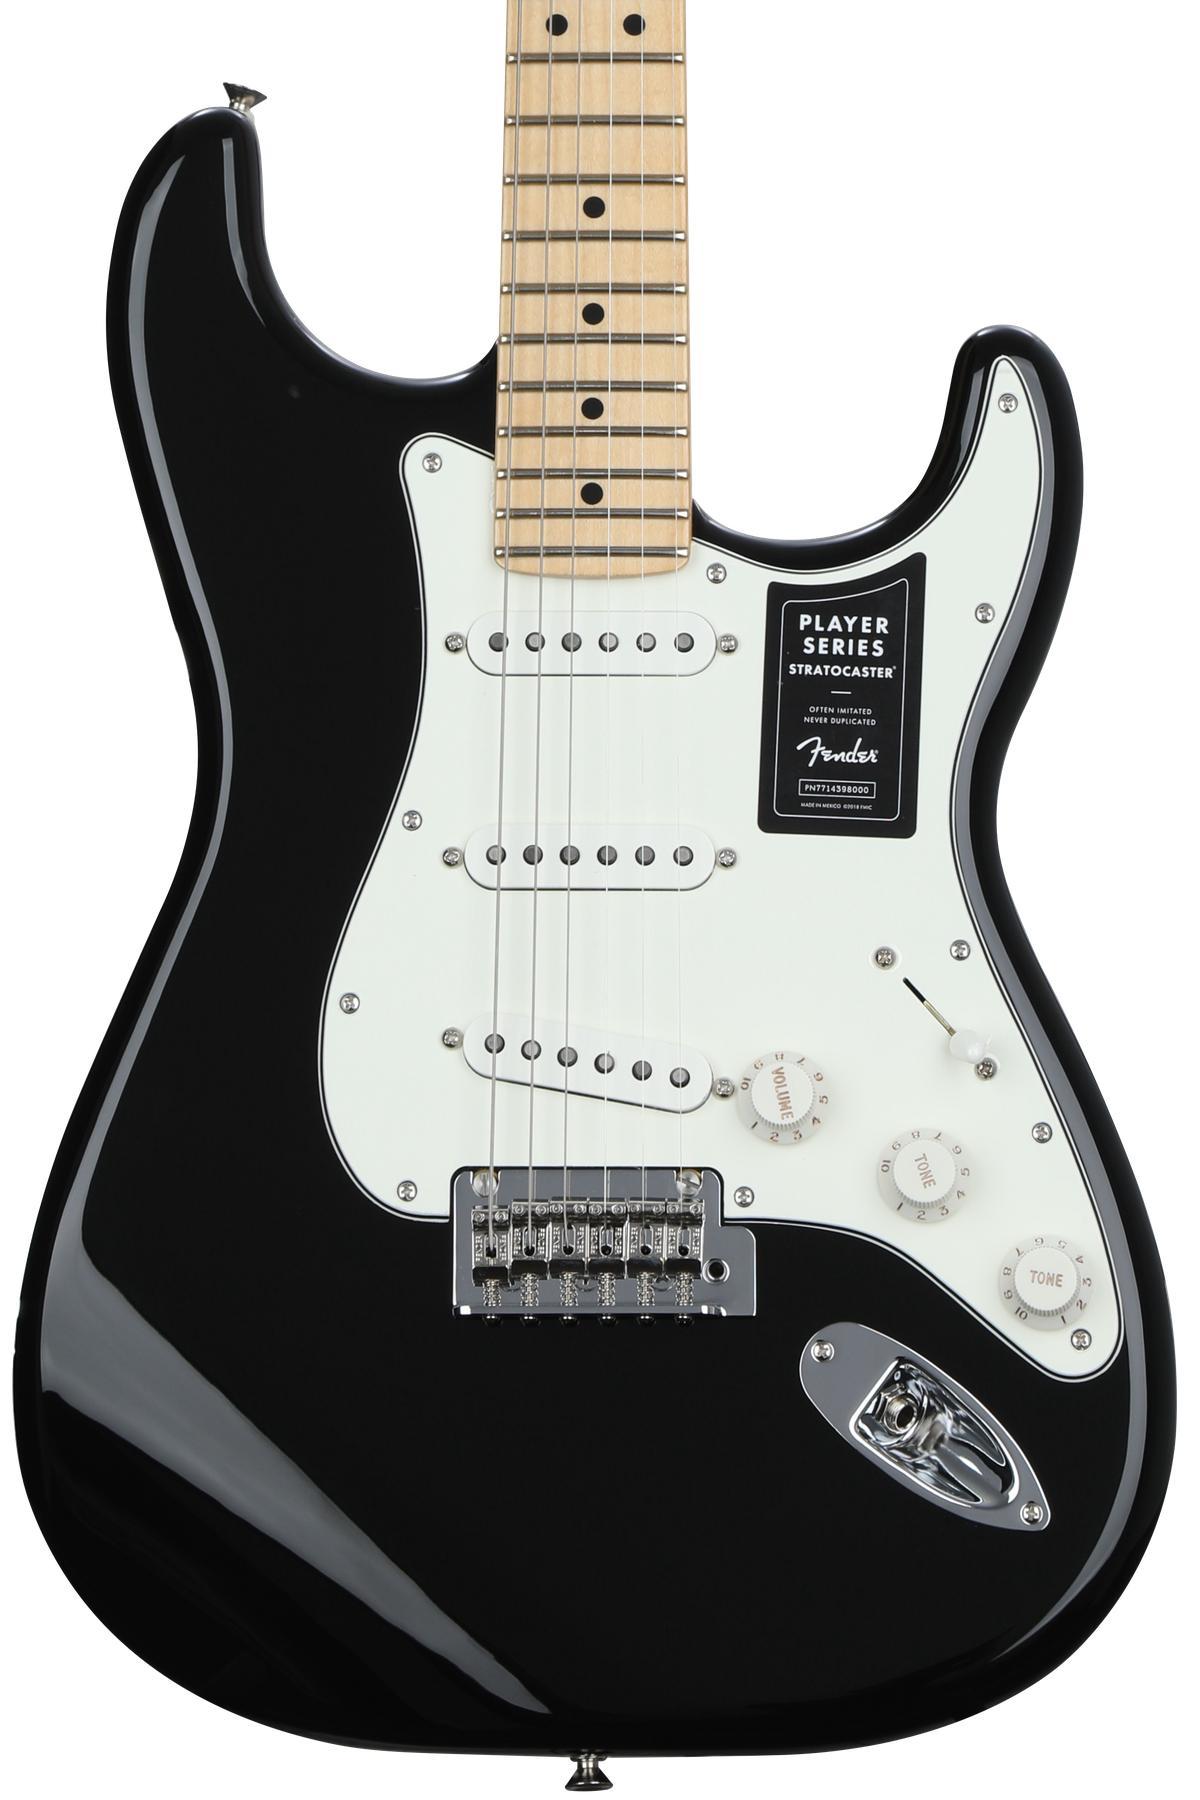 1. Fender